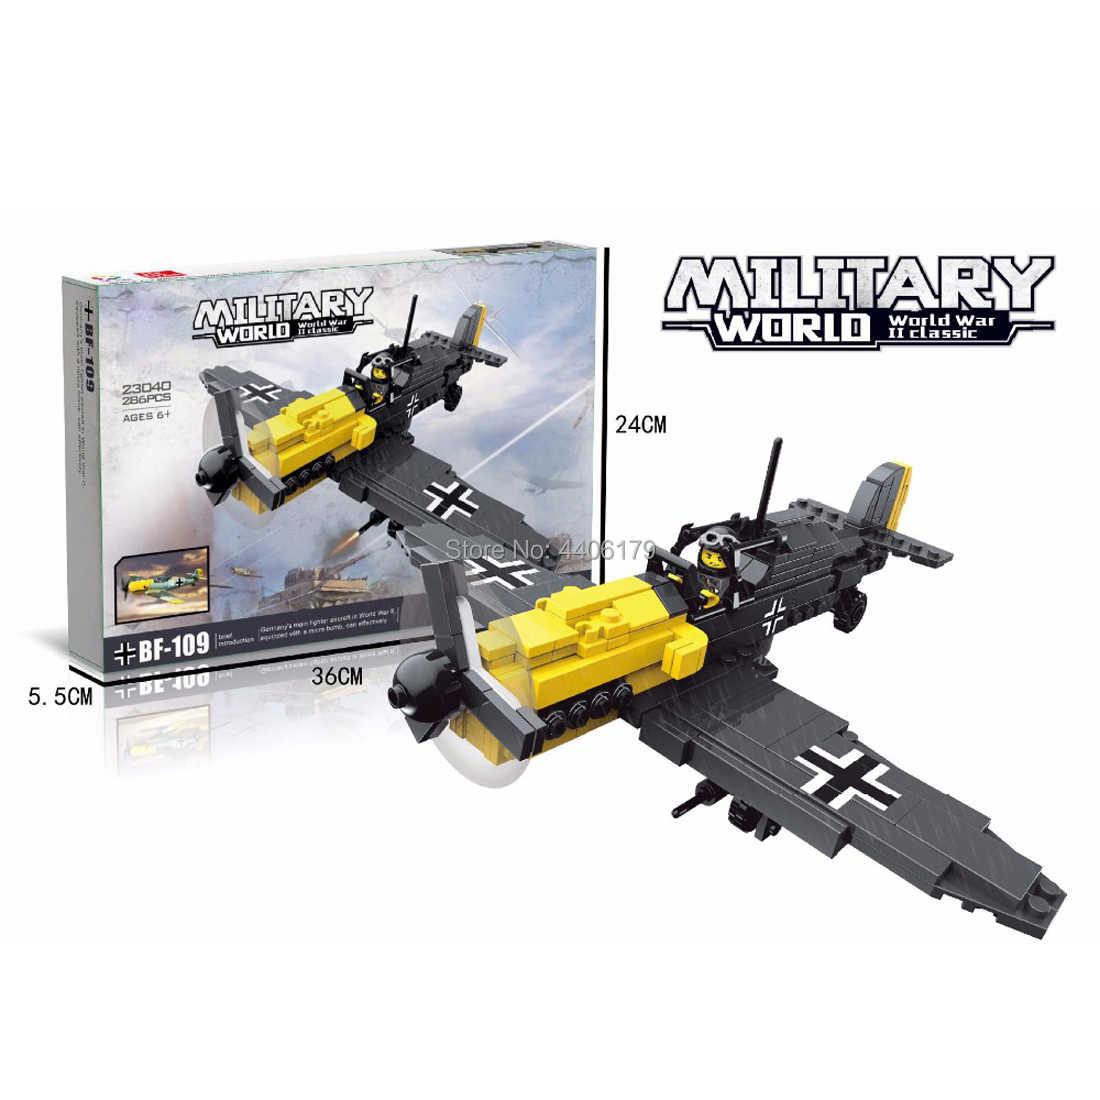 Лидер продаж LegoINGly Военная Униформа Второй мировой войны пособия по немецкому языку бойцы самолеты молния войны MOC строительные Конструкторы модель